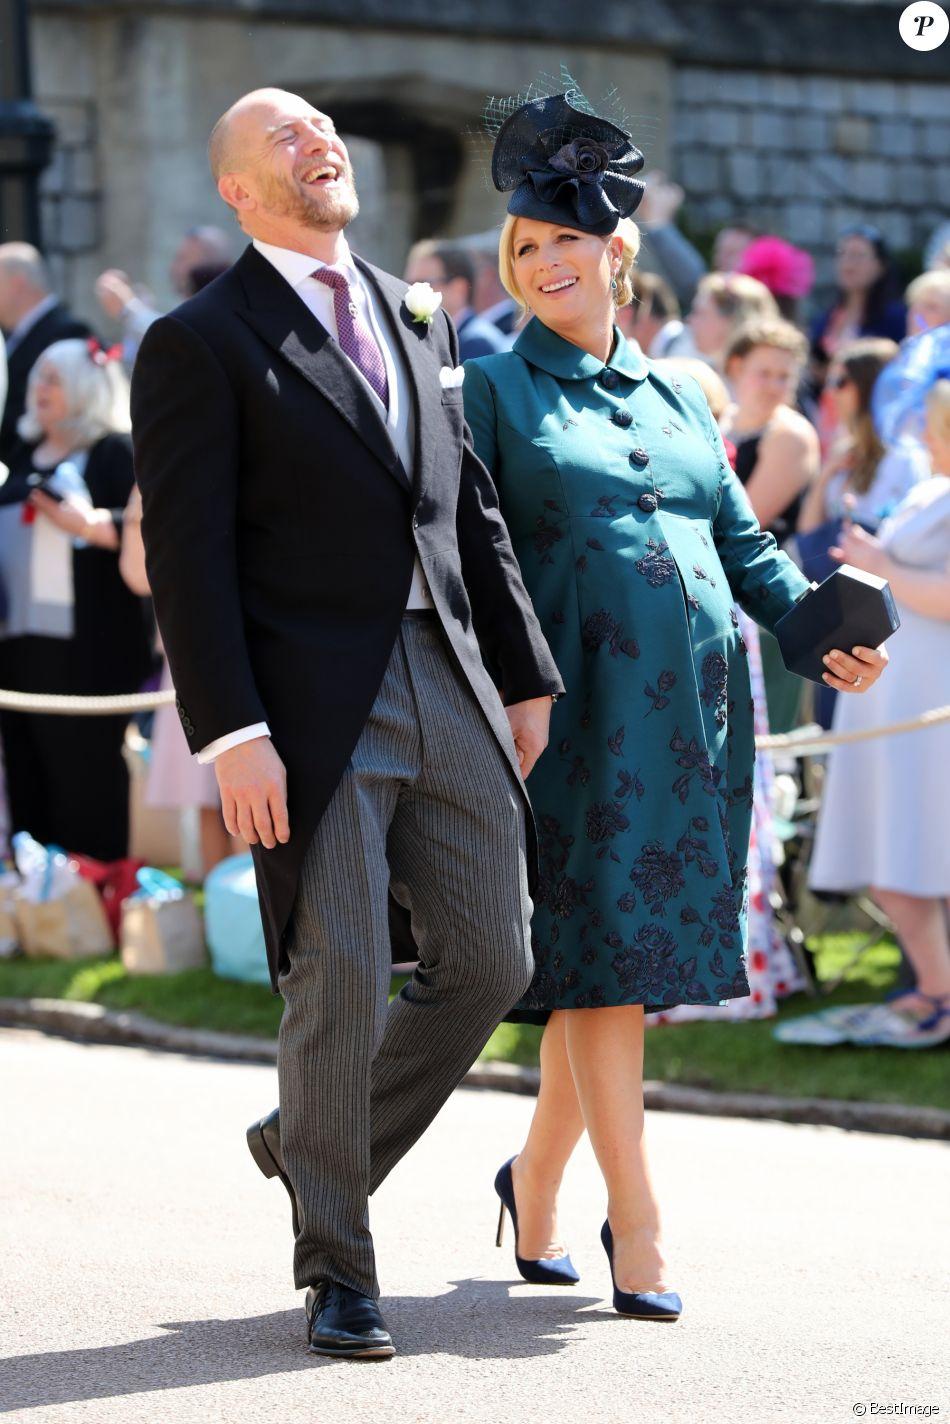 Mike Tindall et sa femme Zara Phillips Tindall, alors enceinte de leur fille Lena, au mariage du prince Harry et de Meghan Markle le 19 mai 2018 à Windsor.